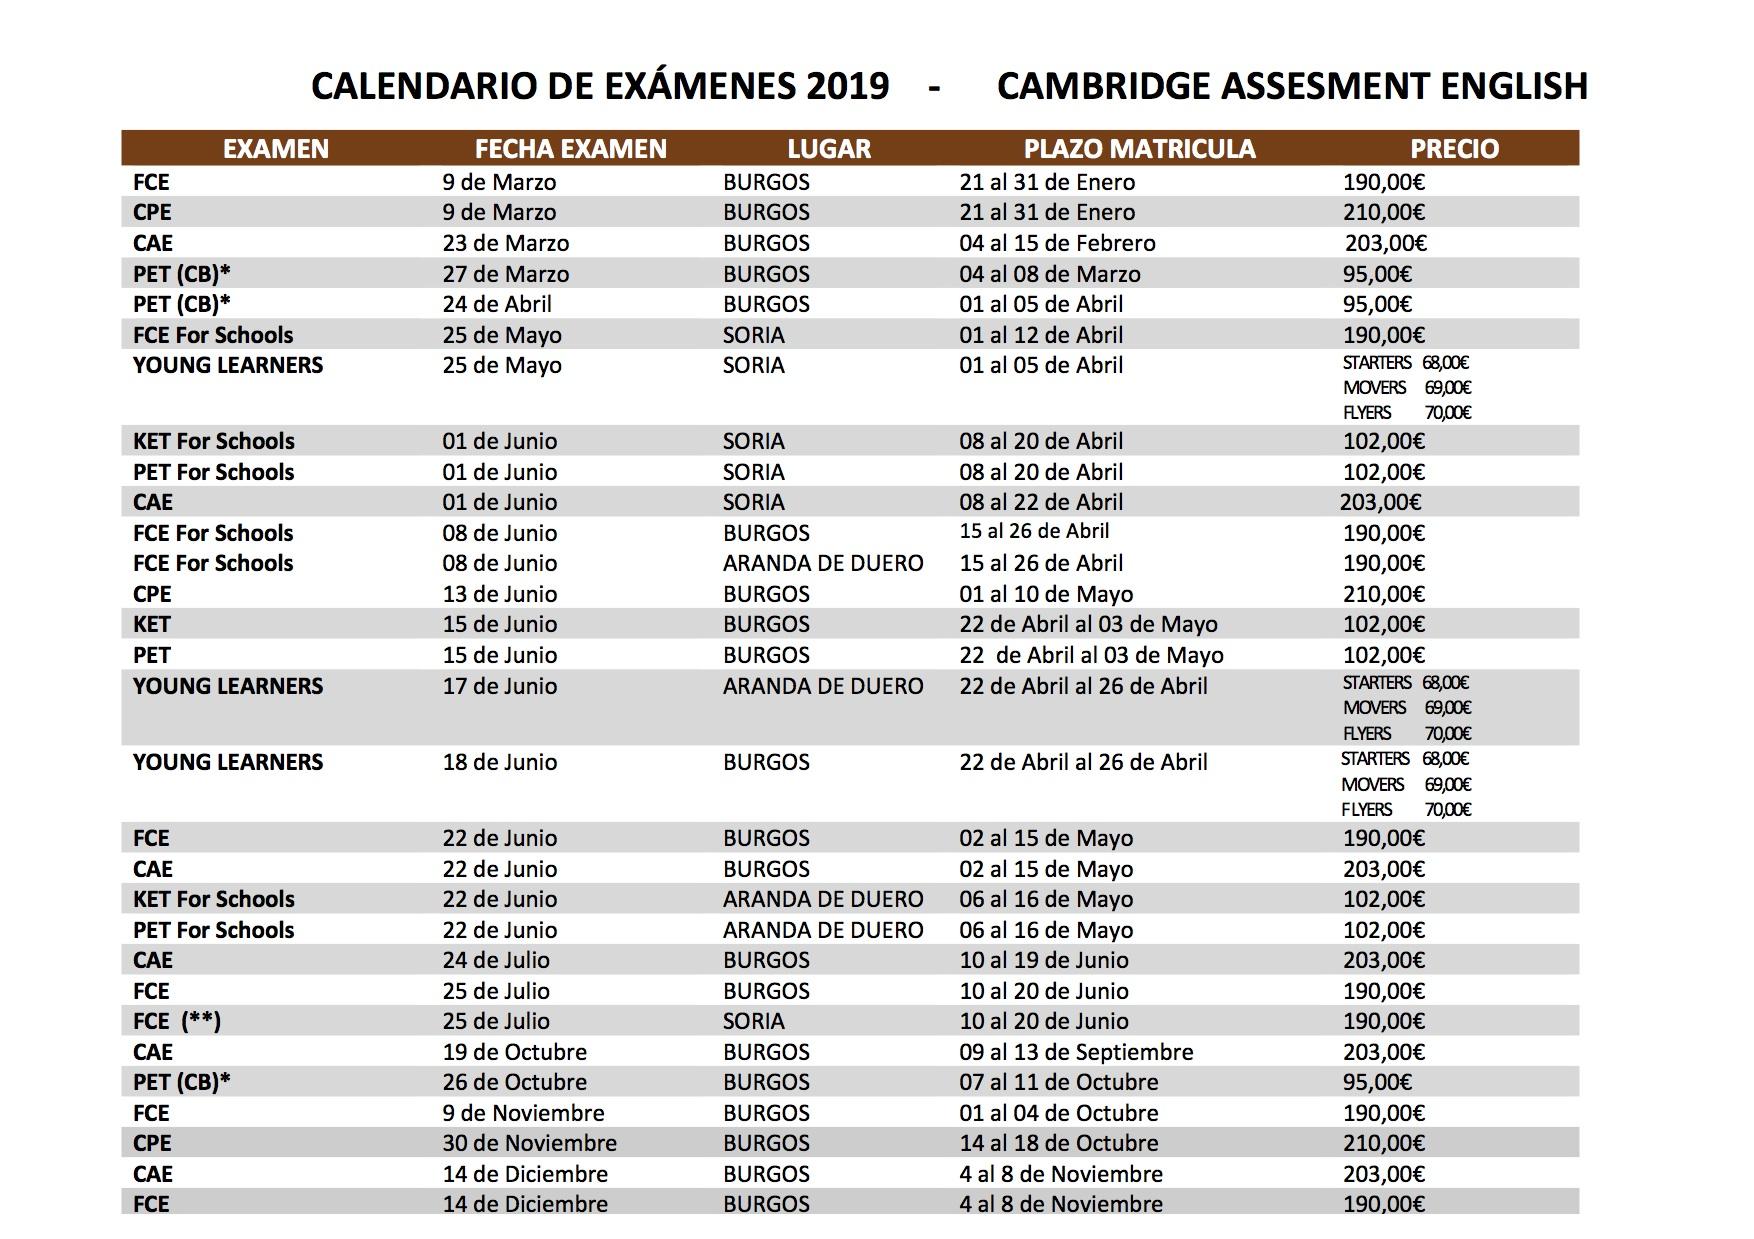 calendario cambridge 2019